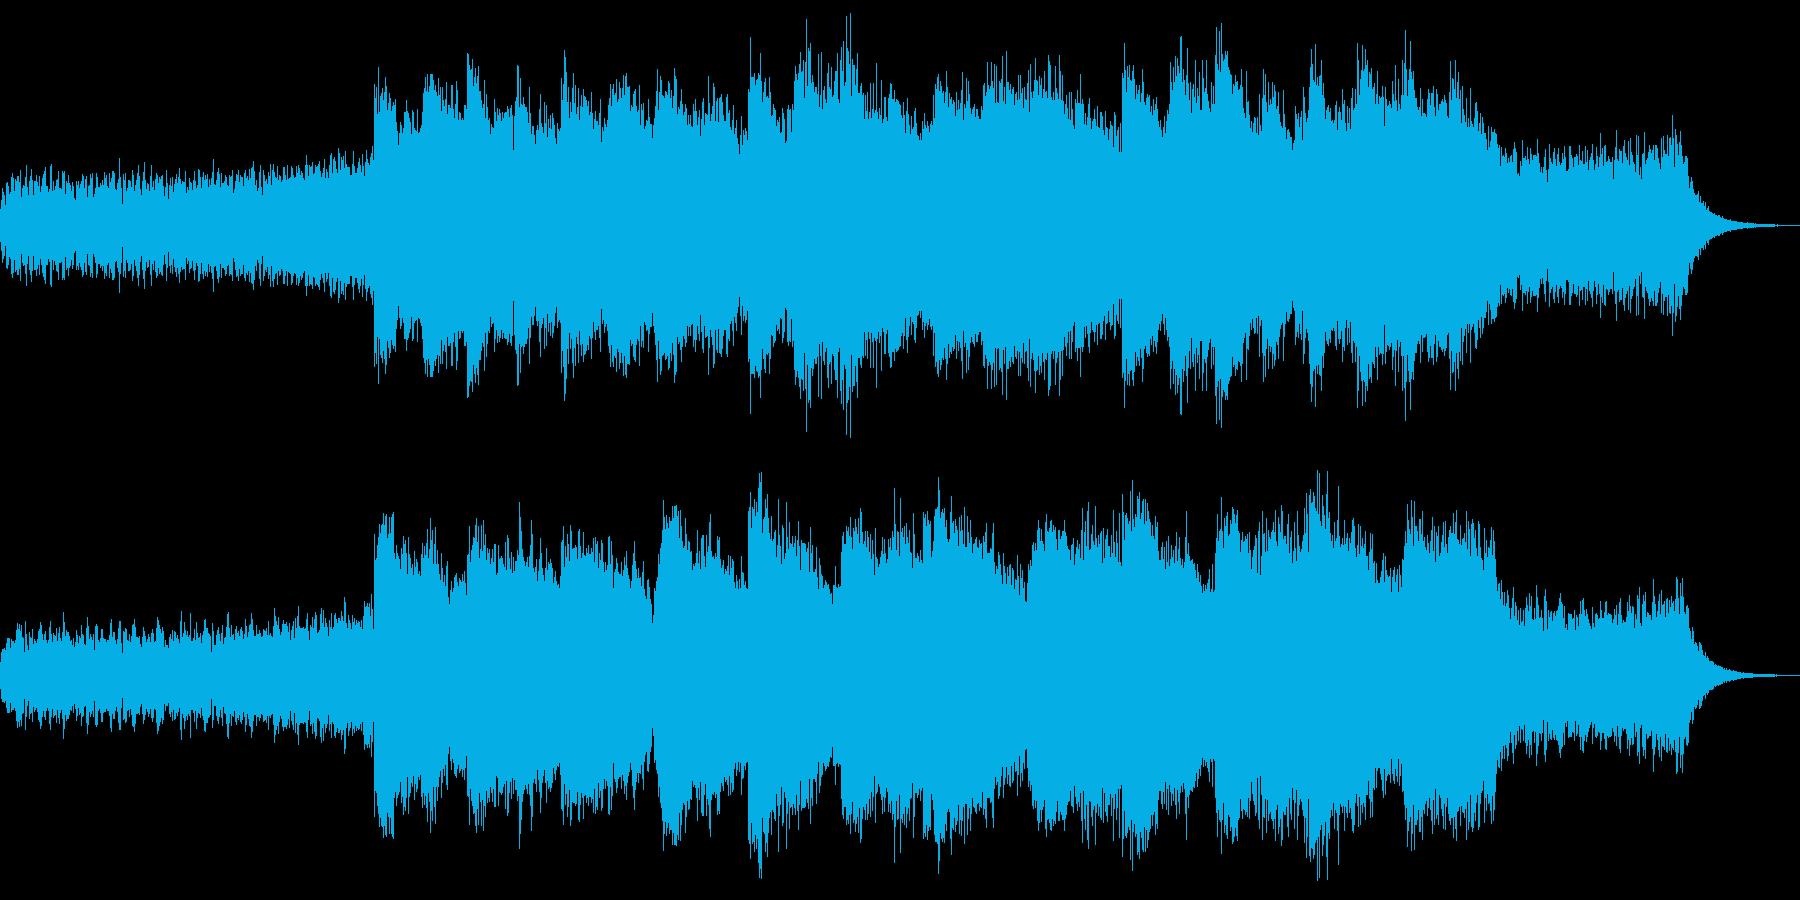 神秘的で覚醒するようなシンセループ曲の再生済みの波形